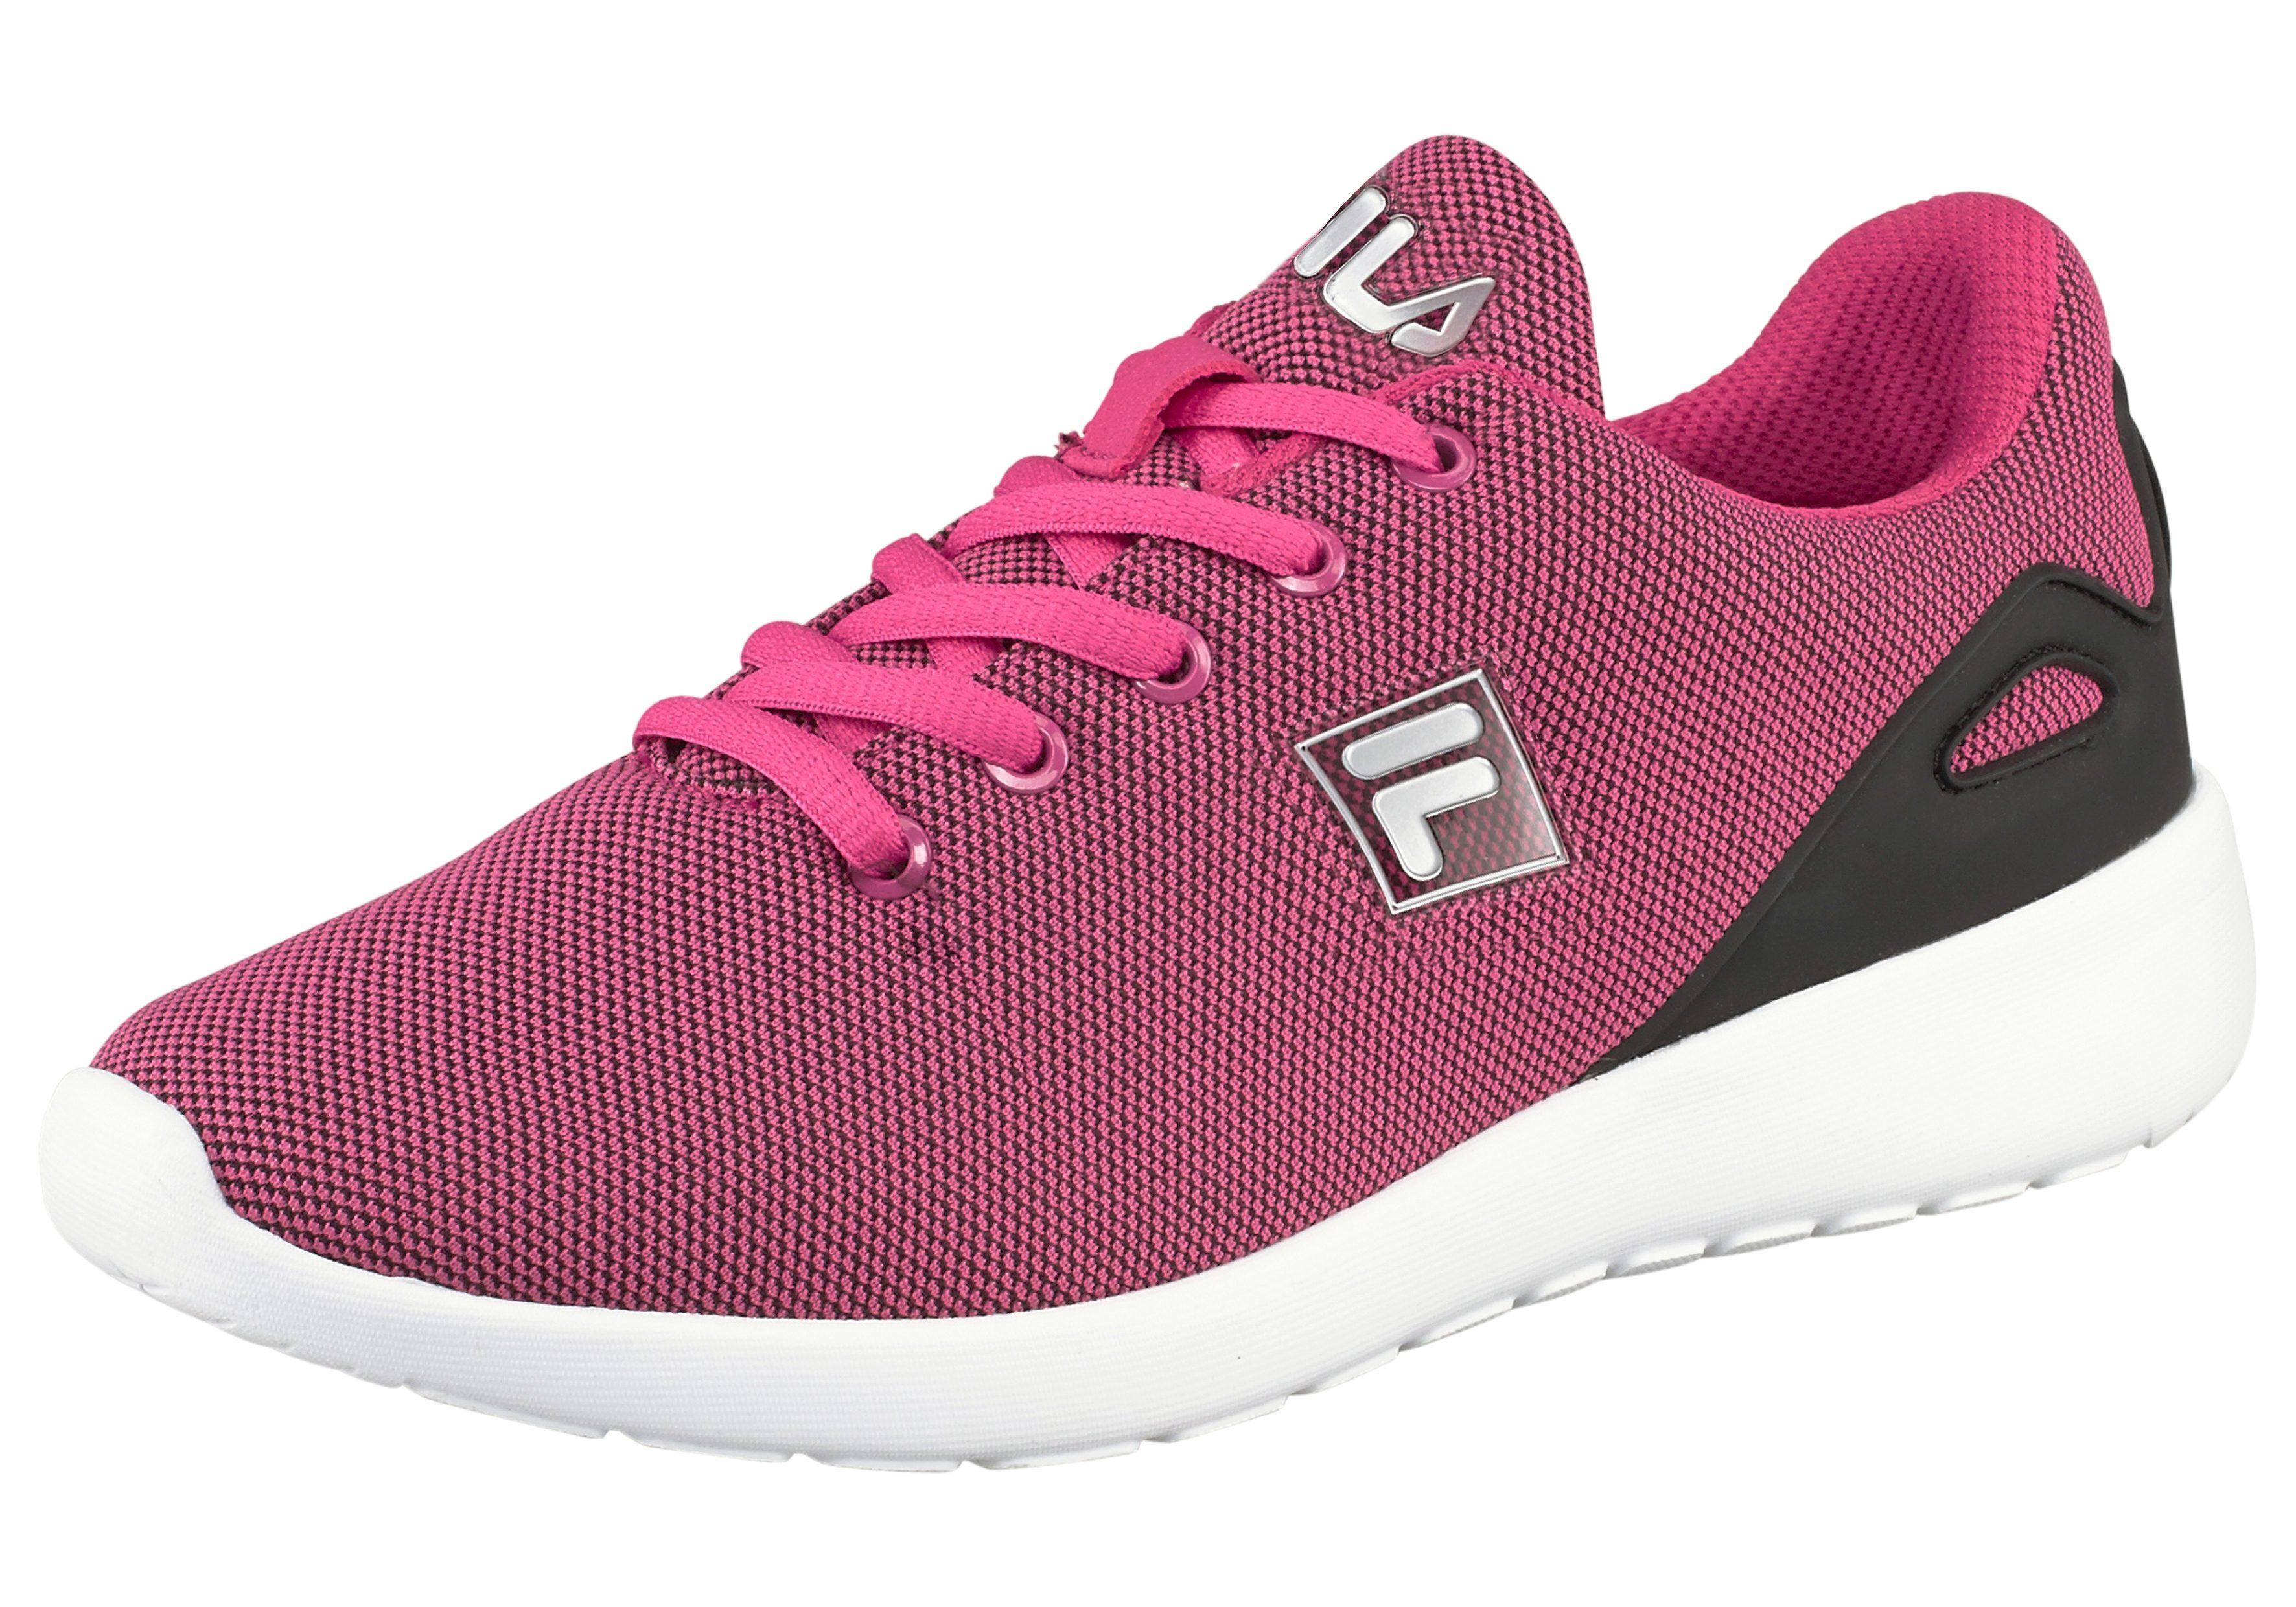 Fila Wmns Fury Run Sneaker online kaufen  pink